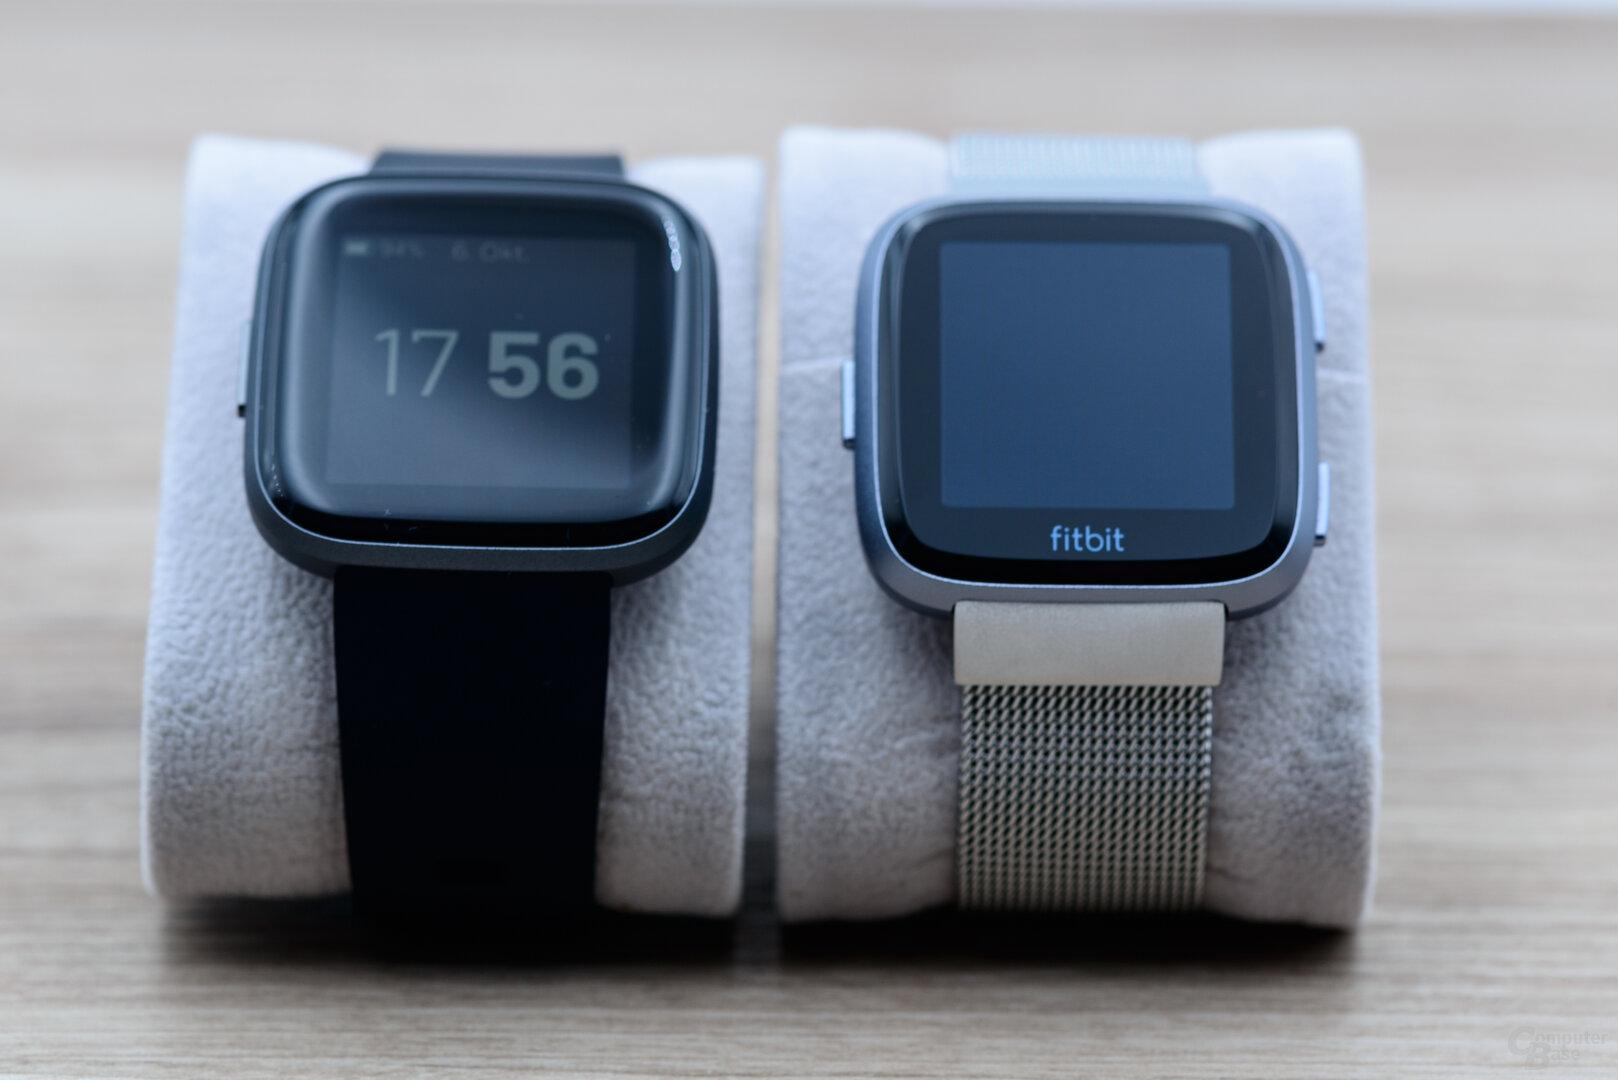 Fitbit Versa 2 und Versa im Vergleich